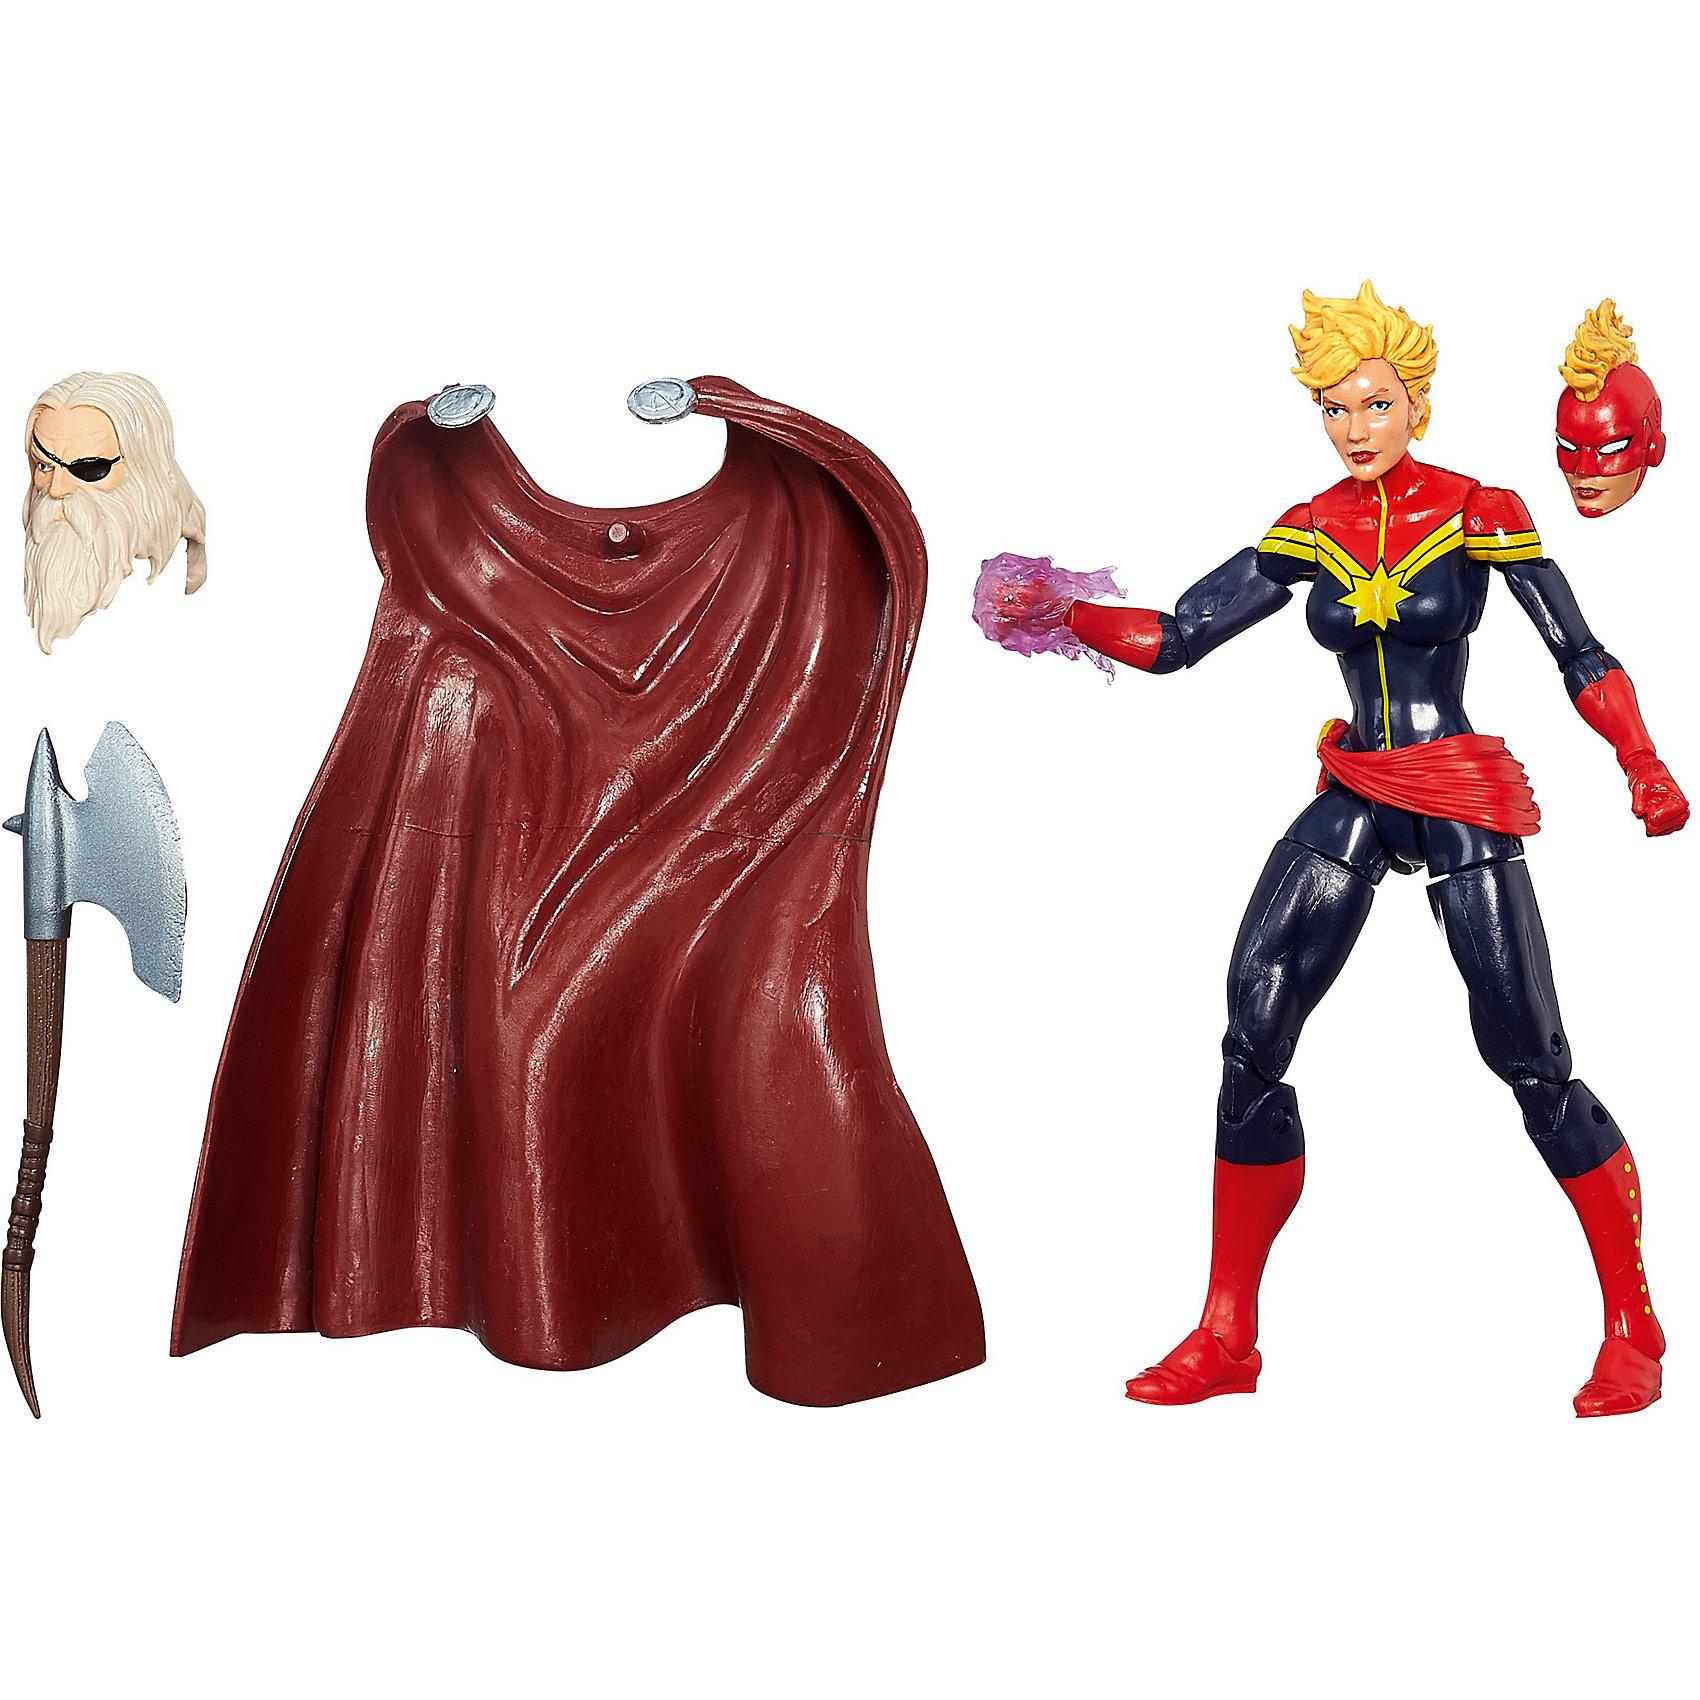 Коллекционная фигурка Марвел Эра Альтрона - Капитан Марвел, 15 см, Marvel HeroesКоллекционные и игровые фигурки<br>Любой мальчишка будет рад такой коллекционной фигурке. В этом выпуске фигурок под именем Капитан Марвел скрывается супергероиня Кэрол Дэнверс, ранее известная как мисс Марвел. Эта героиня встречается во многих комиксах, она взаимодействовала с Человеком-пауком, людьми Х, была членом команды Мстителей, а позже присоединилась к Стражам Галактики. В каждой коробке  одна из частей уникальной фигурки - собери все части и устрой настоящую битву!<br><br>Дополнительная информация:<br><br>- Материал: пластик.<br>- Размер: 15 см.<br>- Голова, ноги и руки фигурки подвижные.<br>- Комплектация: фигурка, часть фигурки Одина.<br><br>Коллекционную фигурку Марвел Эра Альтрона - Капитан Марвел, 15 см, Marvel Heroes, можно купить в нашем магазине.<br><br>Ширина мм: 64<br>Глубина мм: 152<br>Высота мм: 267<br>Вес г: 220<br>Возраст от месяцев: 48<br>Возраст до месяцев: 144<br>Пол: Мужской<br>Возраст: Детский<br>SKU: 4175023